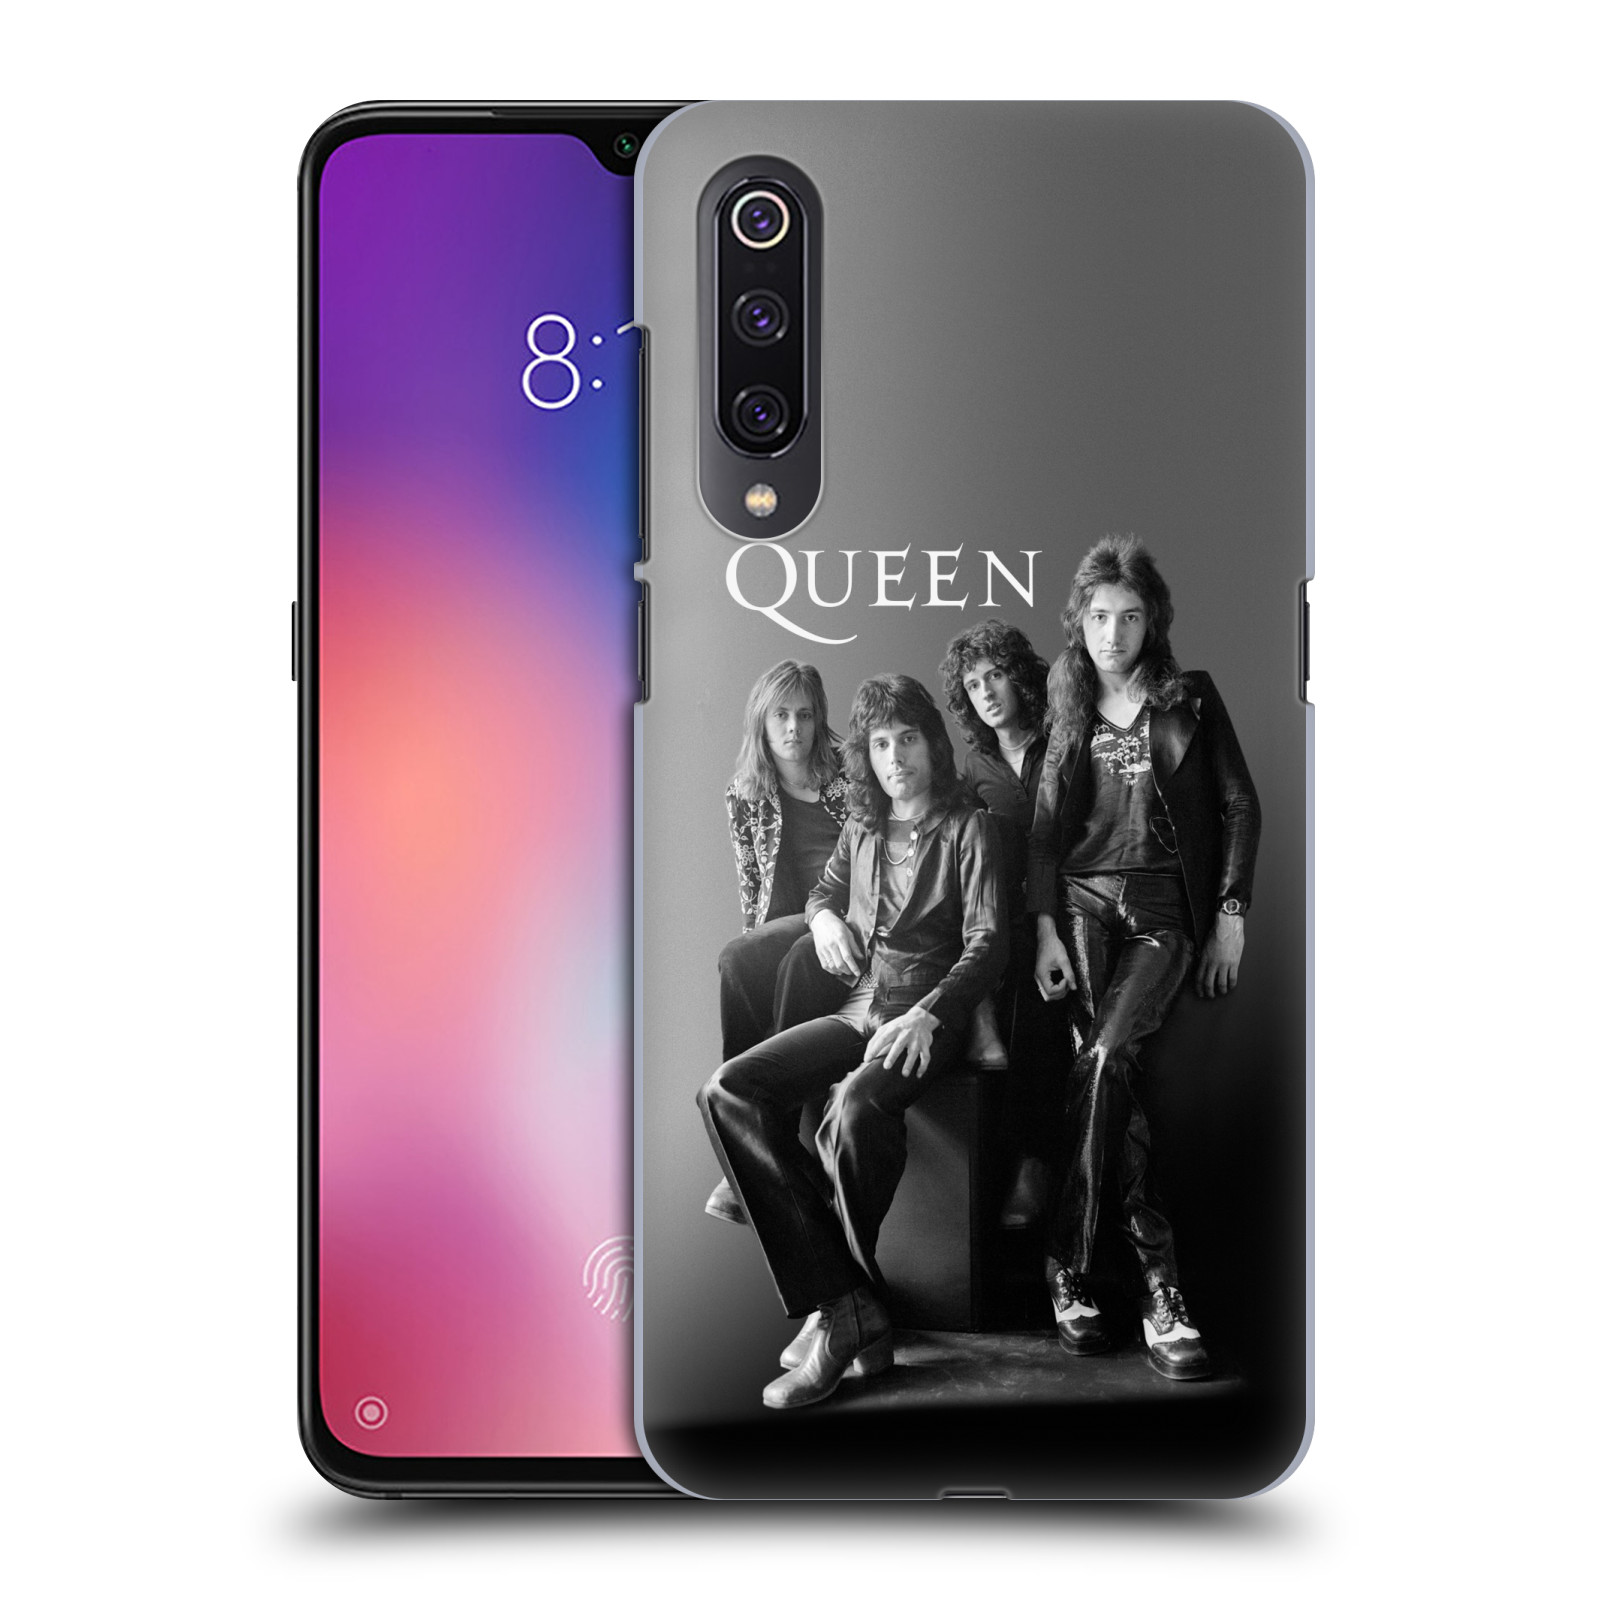 Plastové pouzdro na mobil Xiaomi Mi 9 - Head Case - Queen - Skupina